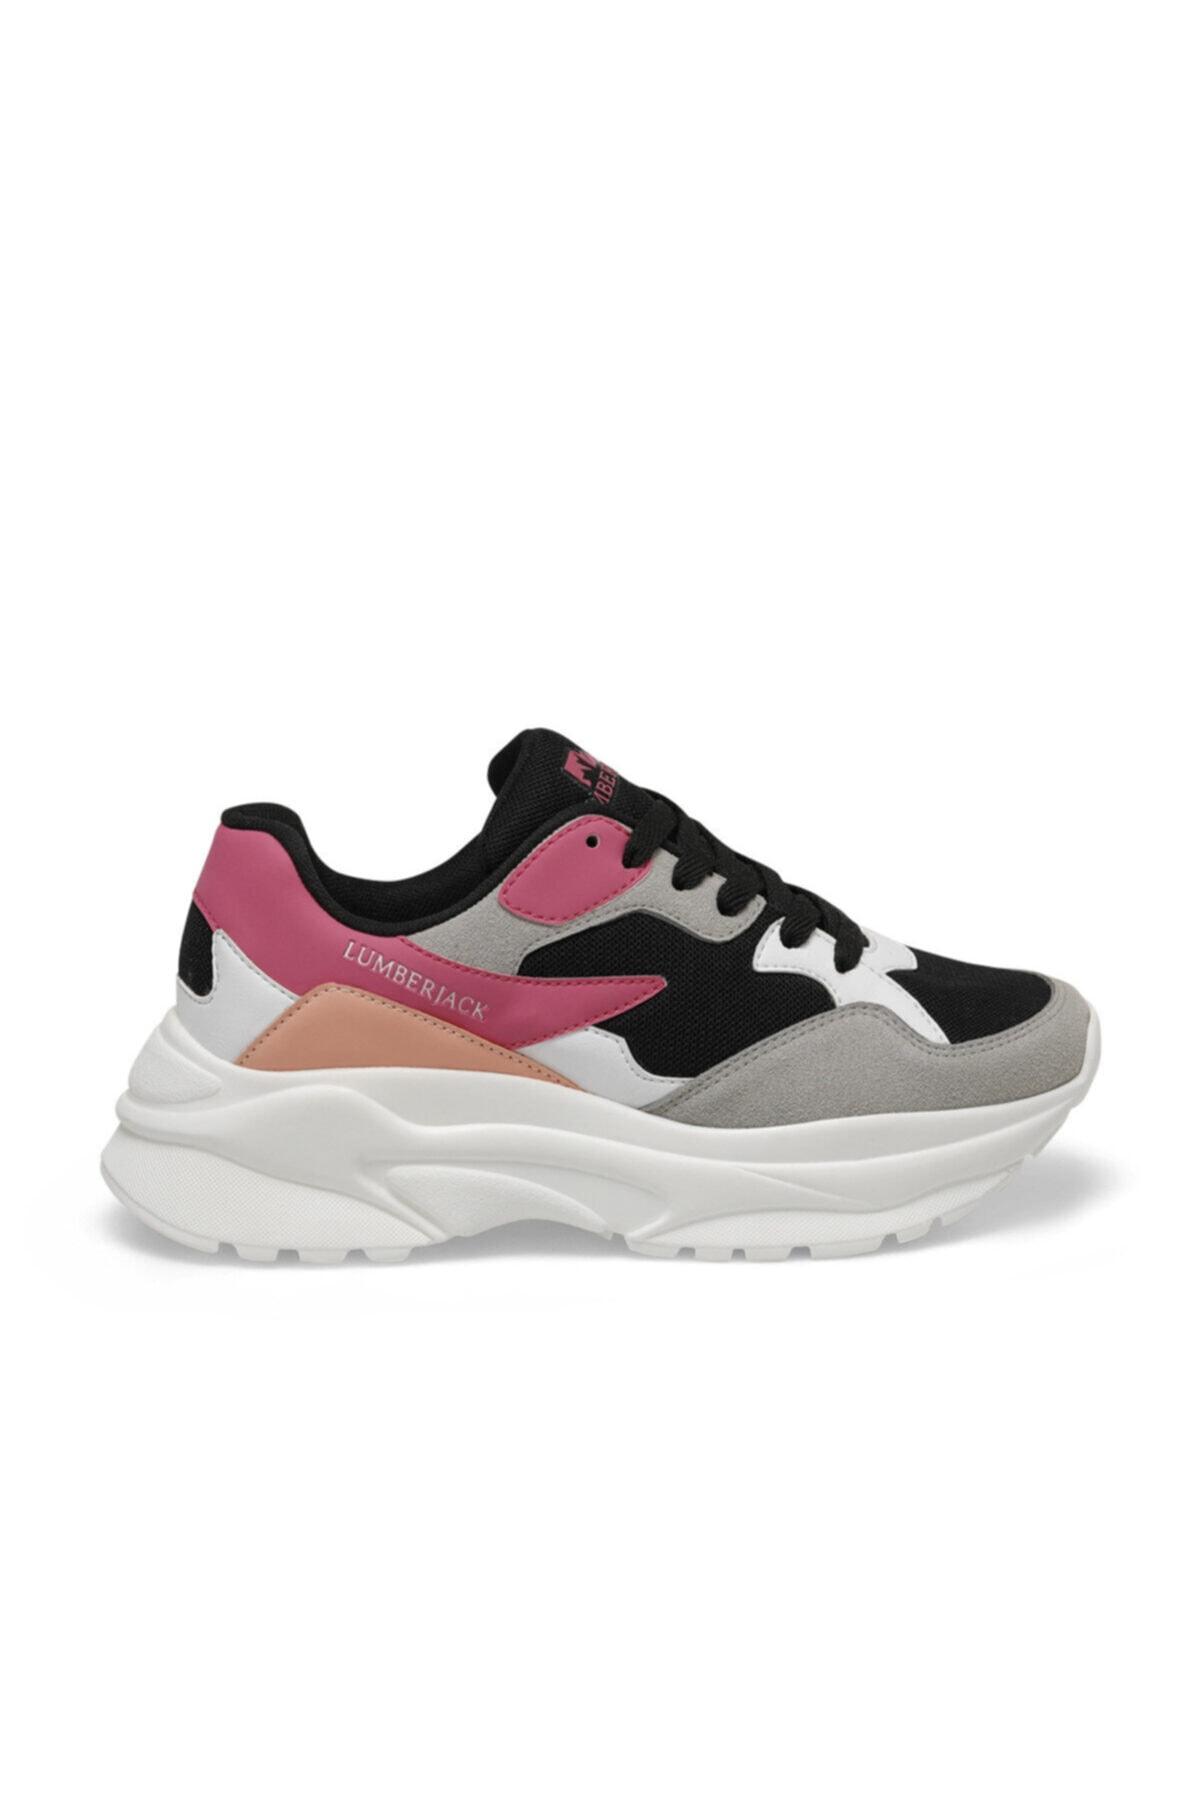 lumberjack Layla Siyah Kadın Sneaker Ayakkabı 2